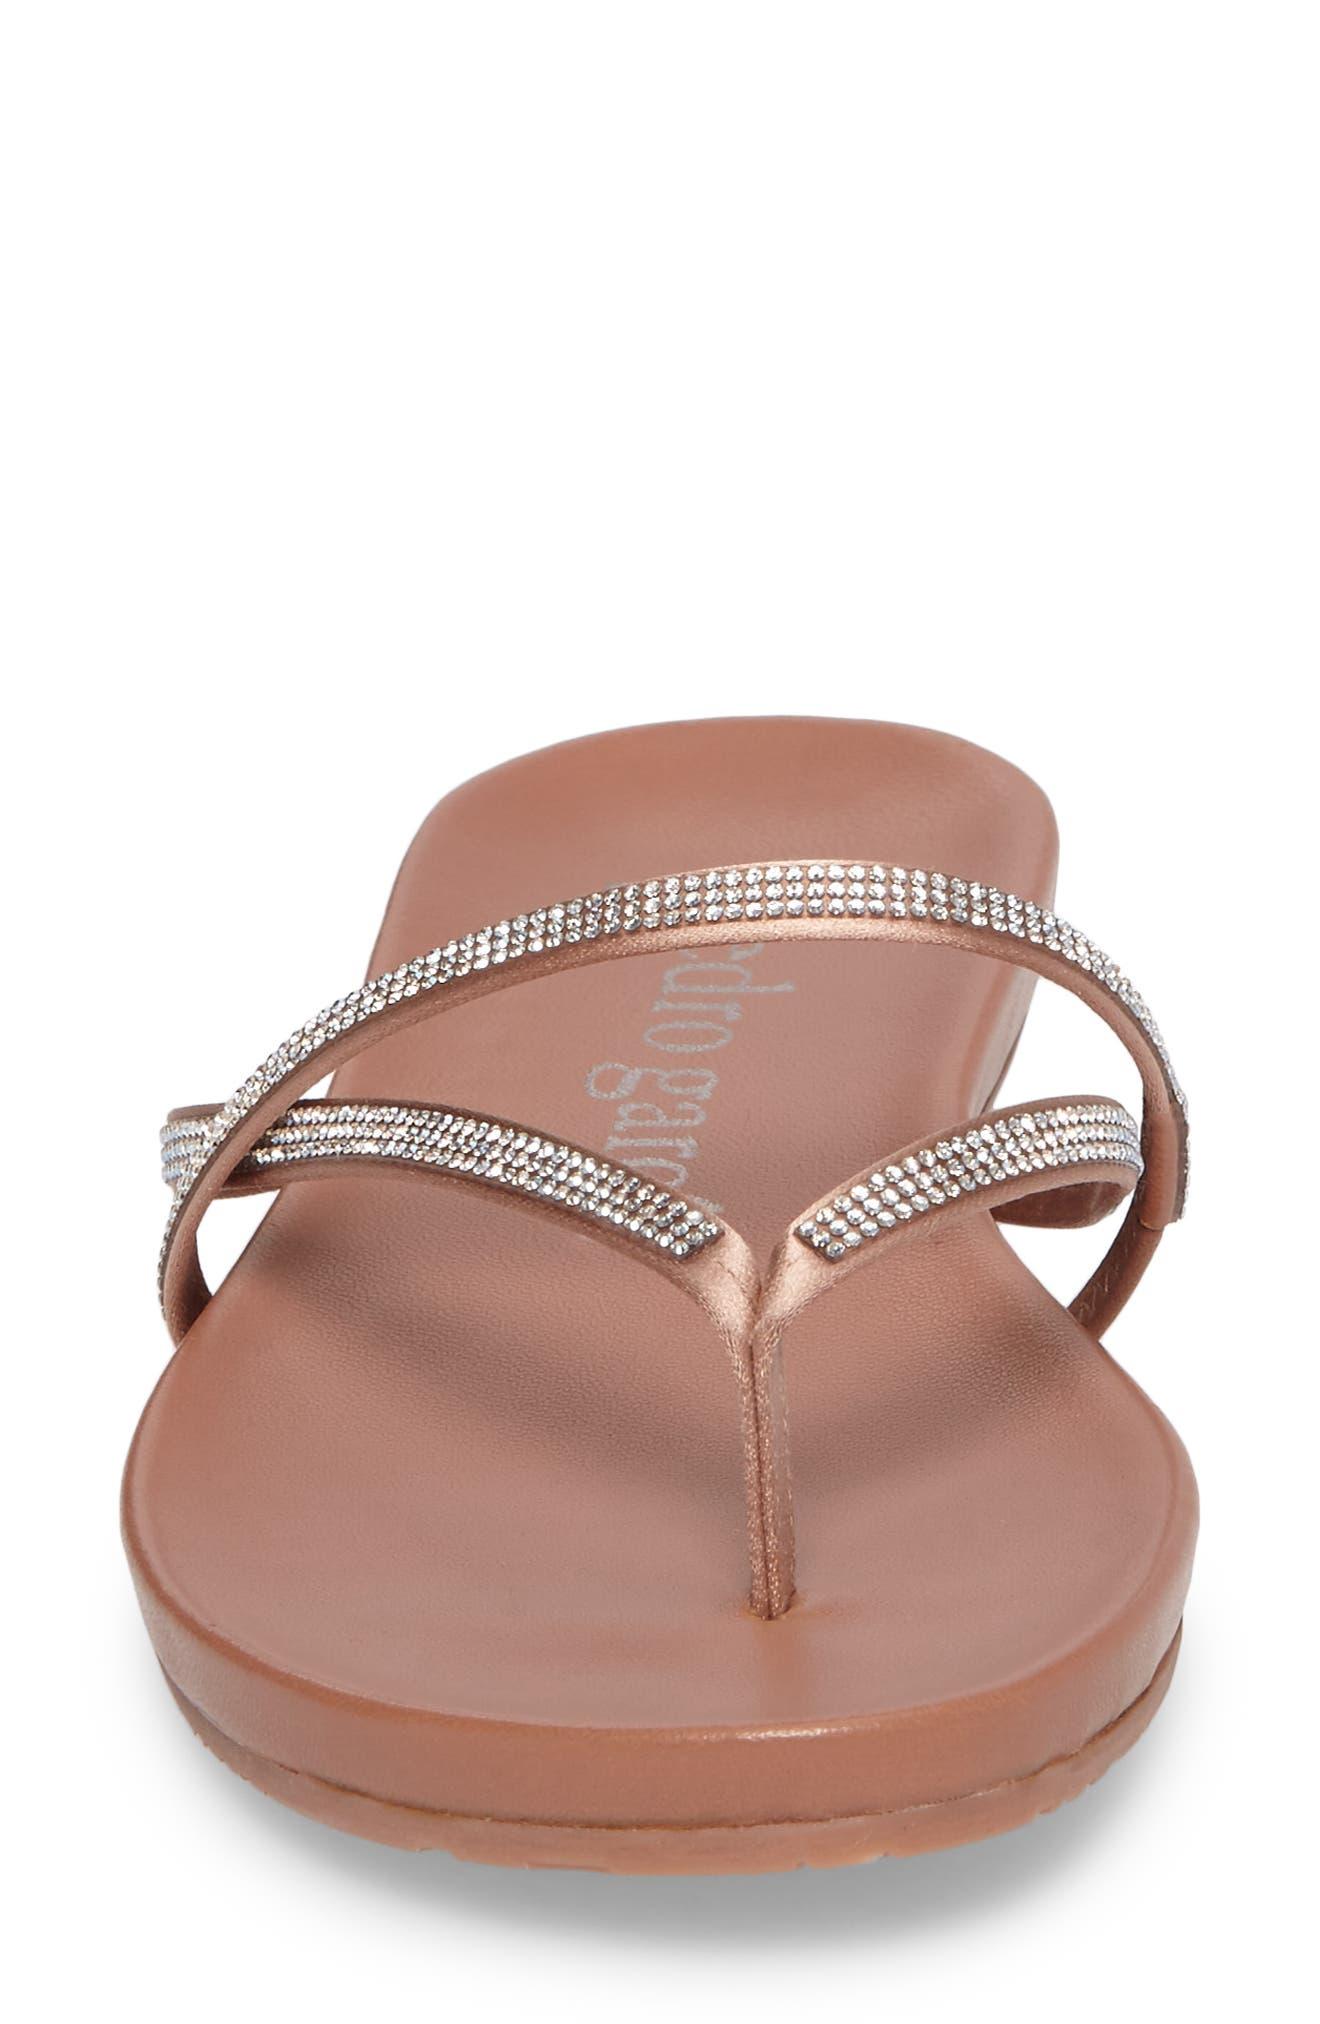 Giulia Crystal Embellished Sandal,                             Alternate thumbnail 4, color,